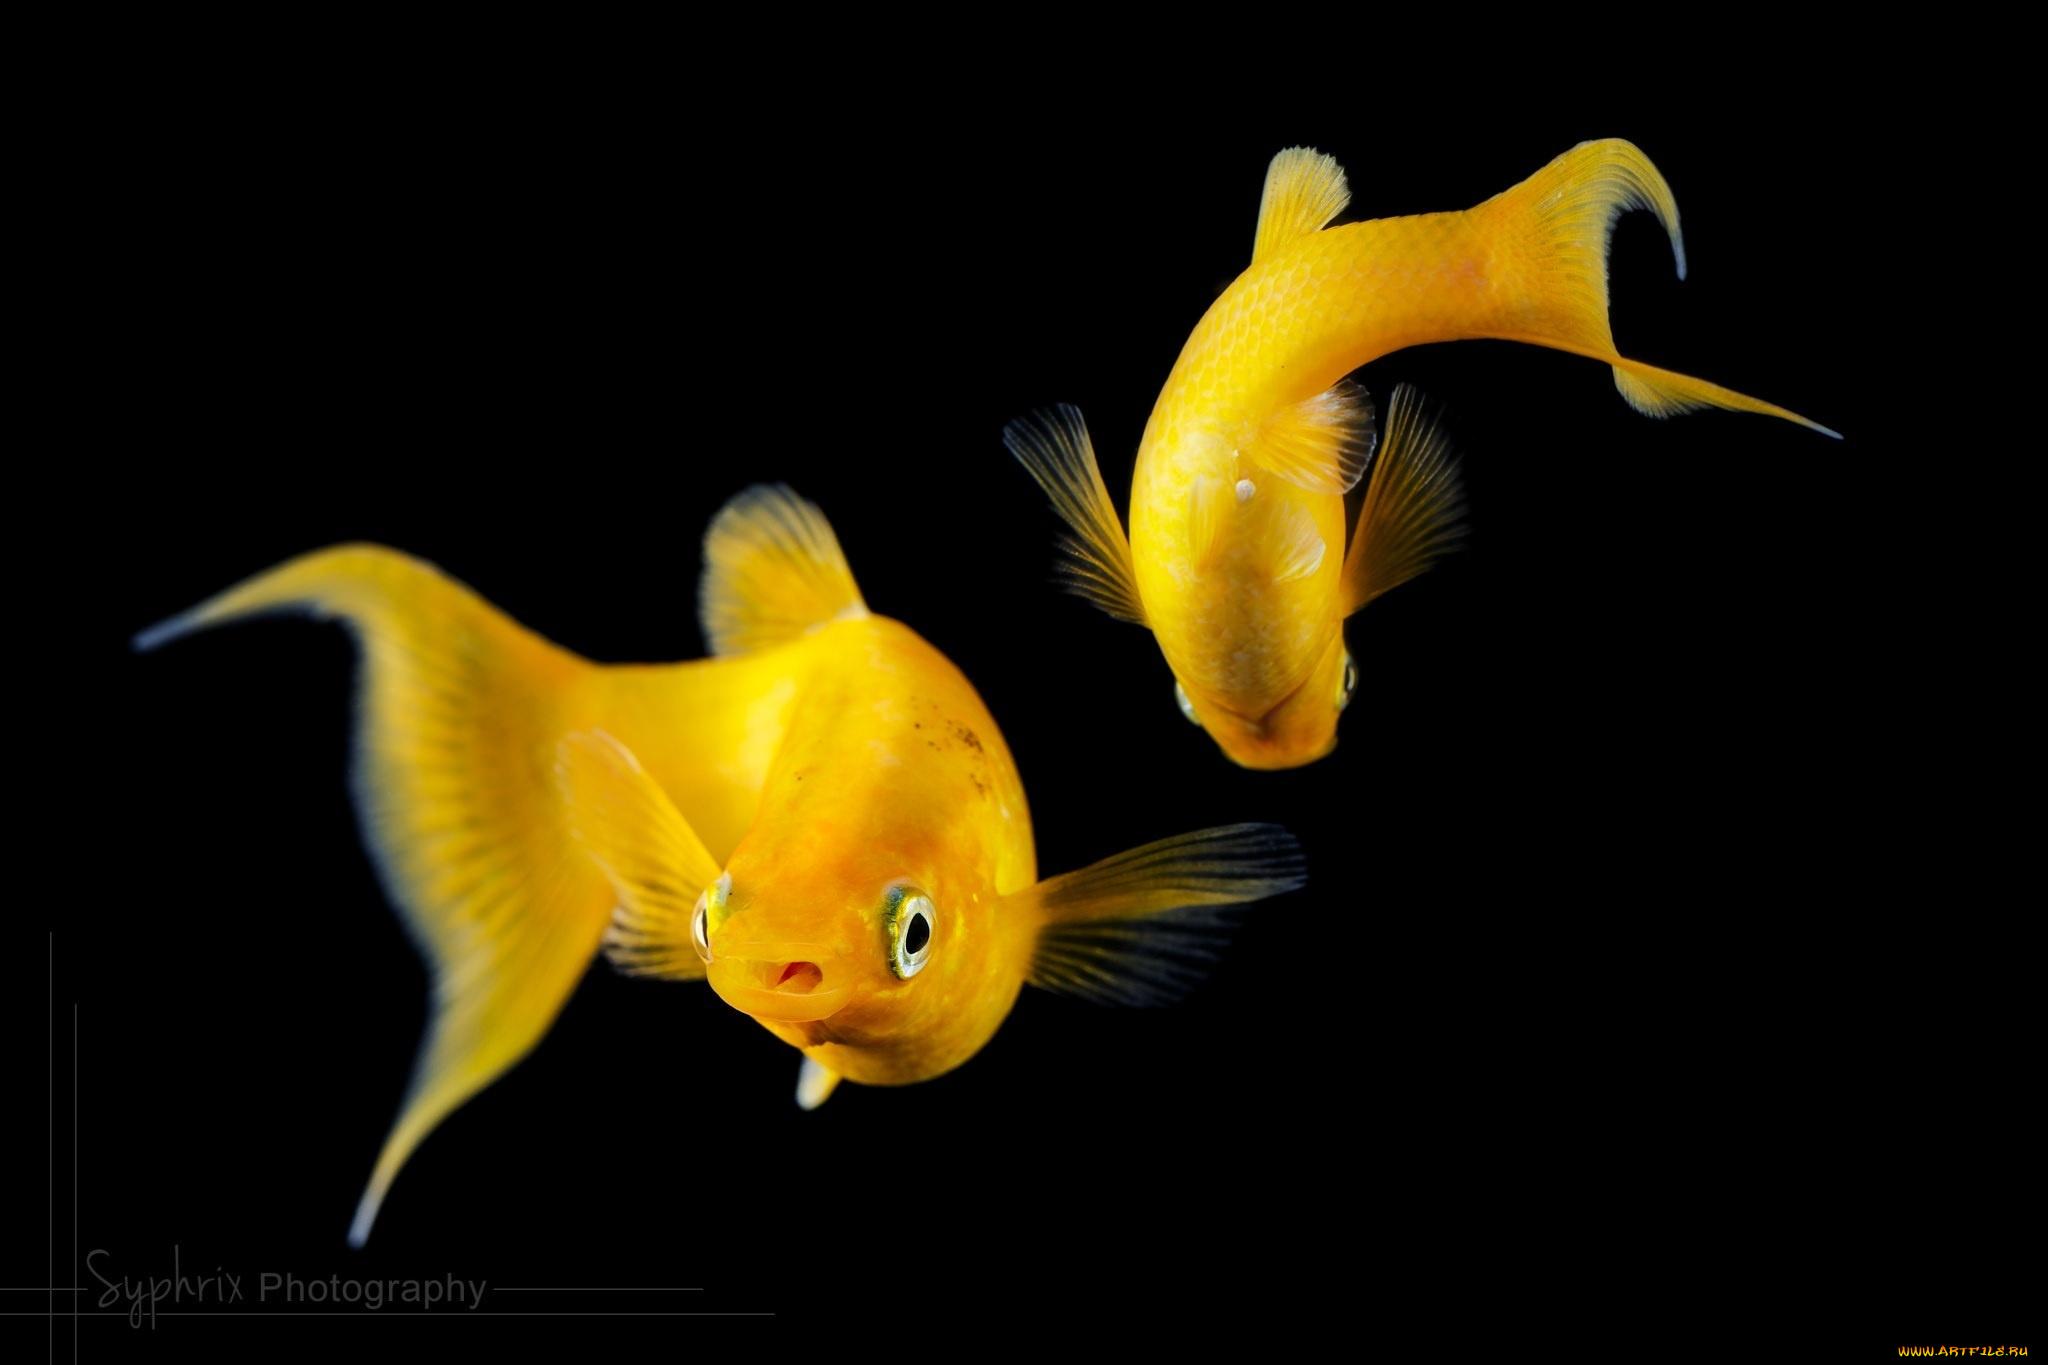 Желтая Рыба макро  № 1088218 бесплатно